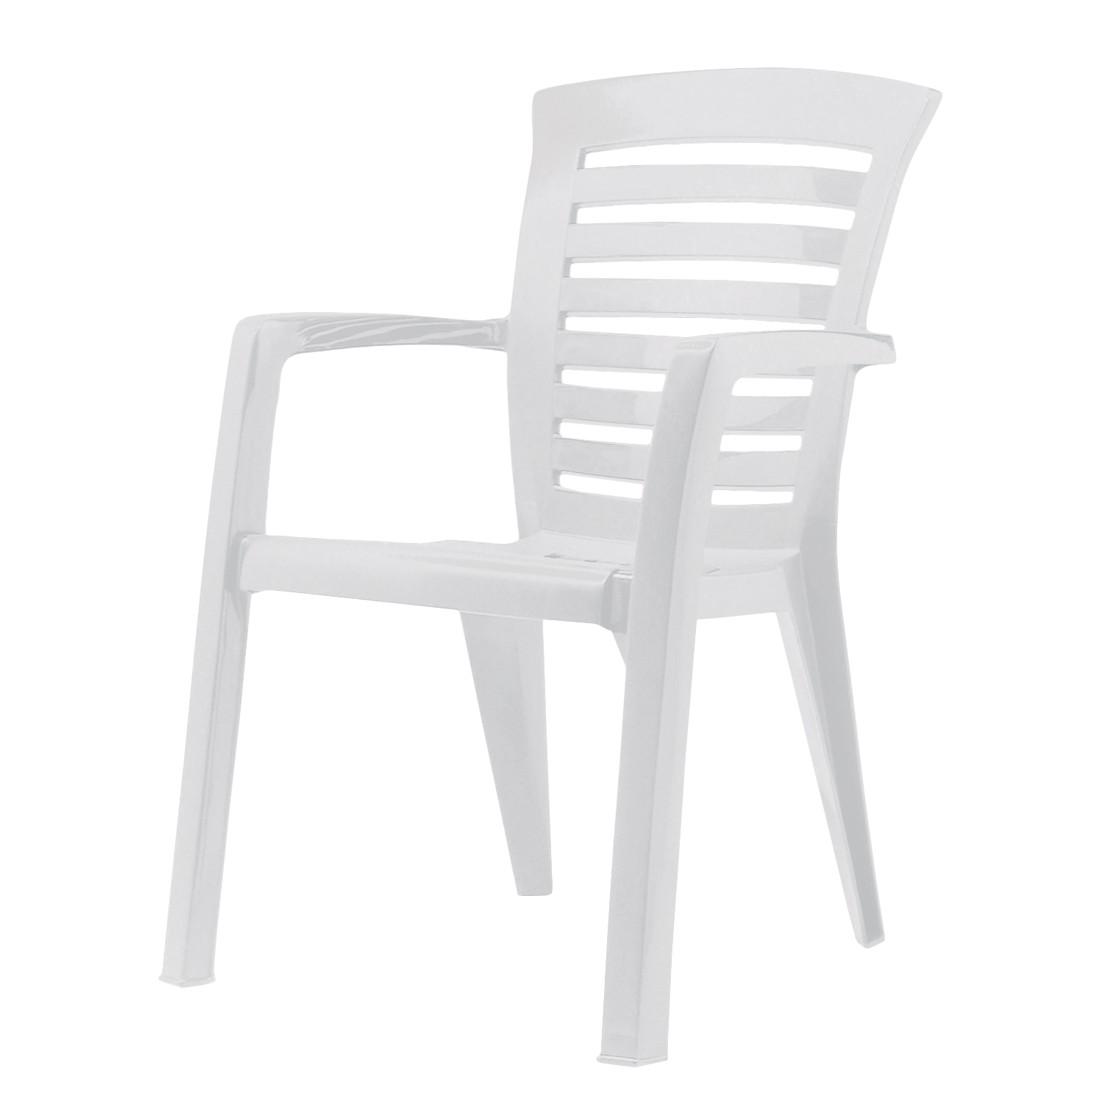 Stapelstuhl Florida - Kunststoff - Weiß, Best Freizeitmöbel bei Home24 - Sonderangebote